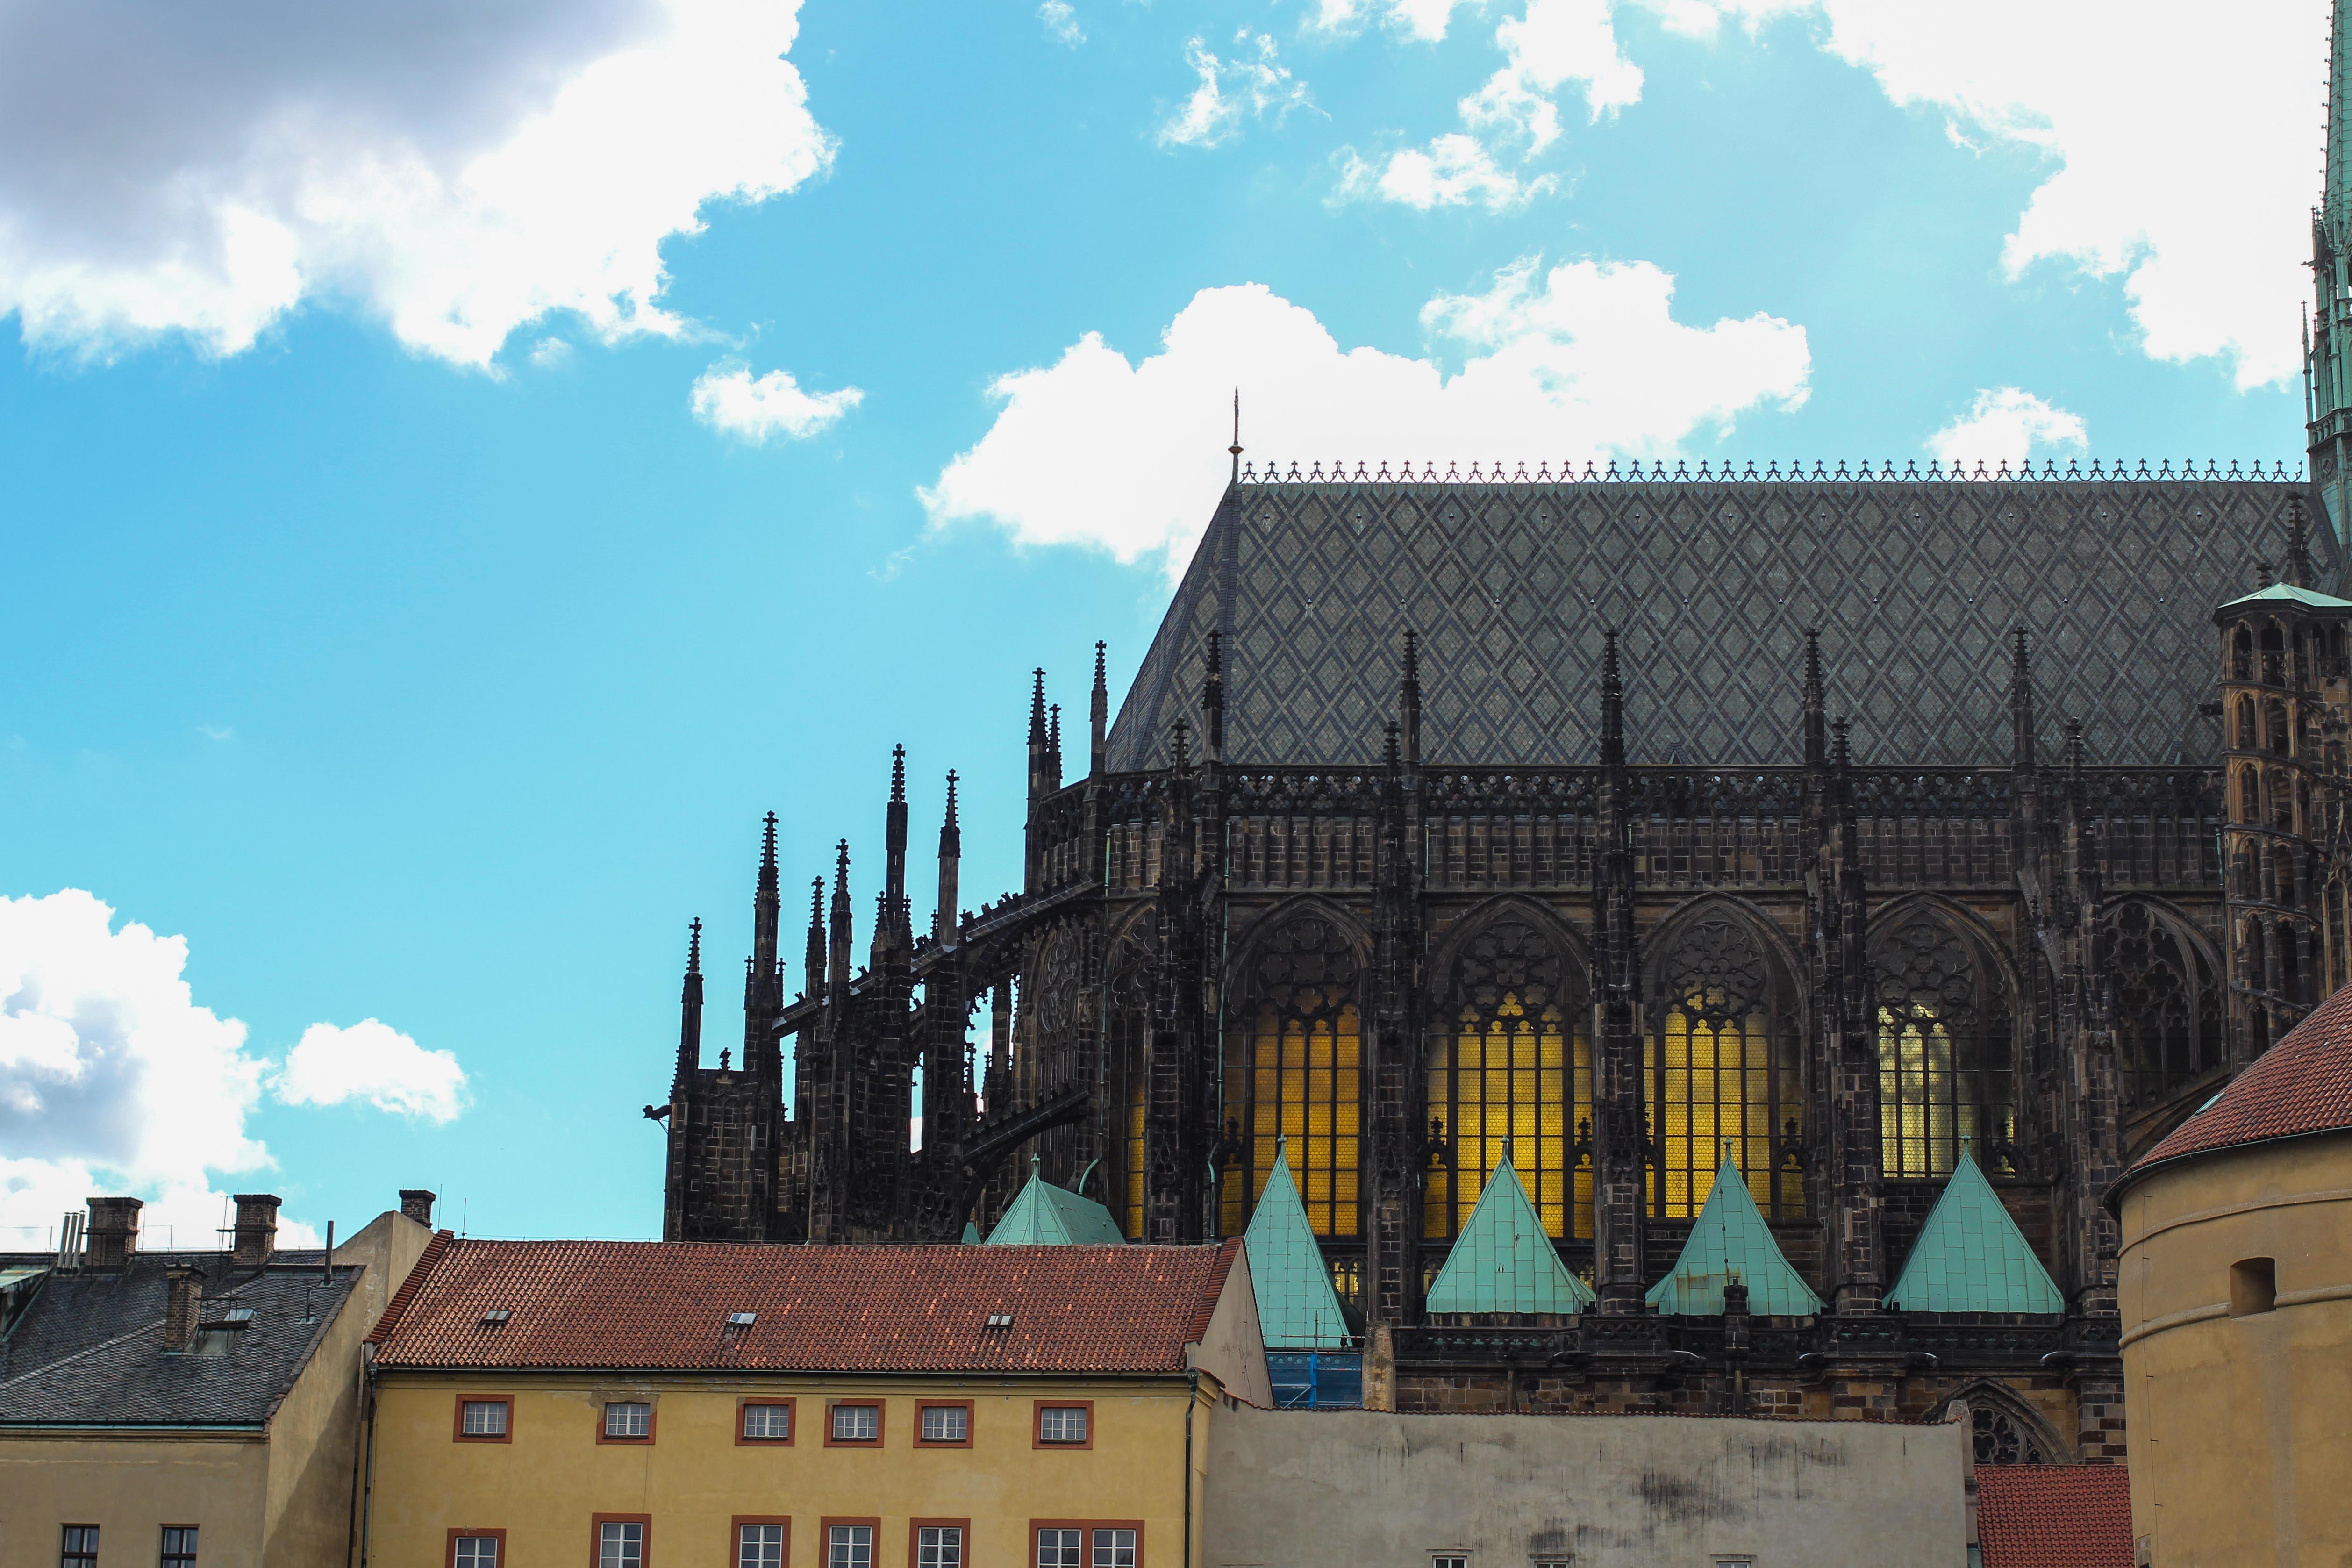 Top 10 Tipps Kurztrip Prag Prager Burg Dom Sehenswürdigkeiten Prag Insidertipps Reiseblog